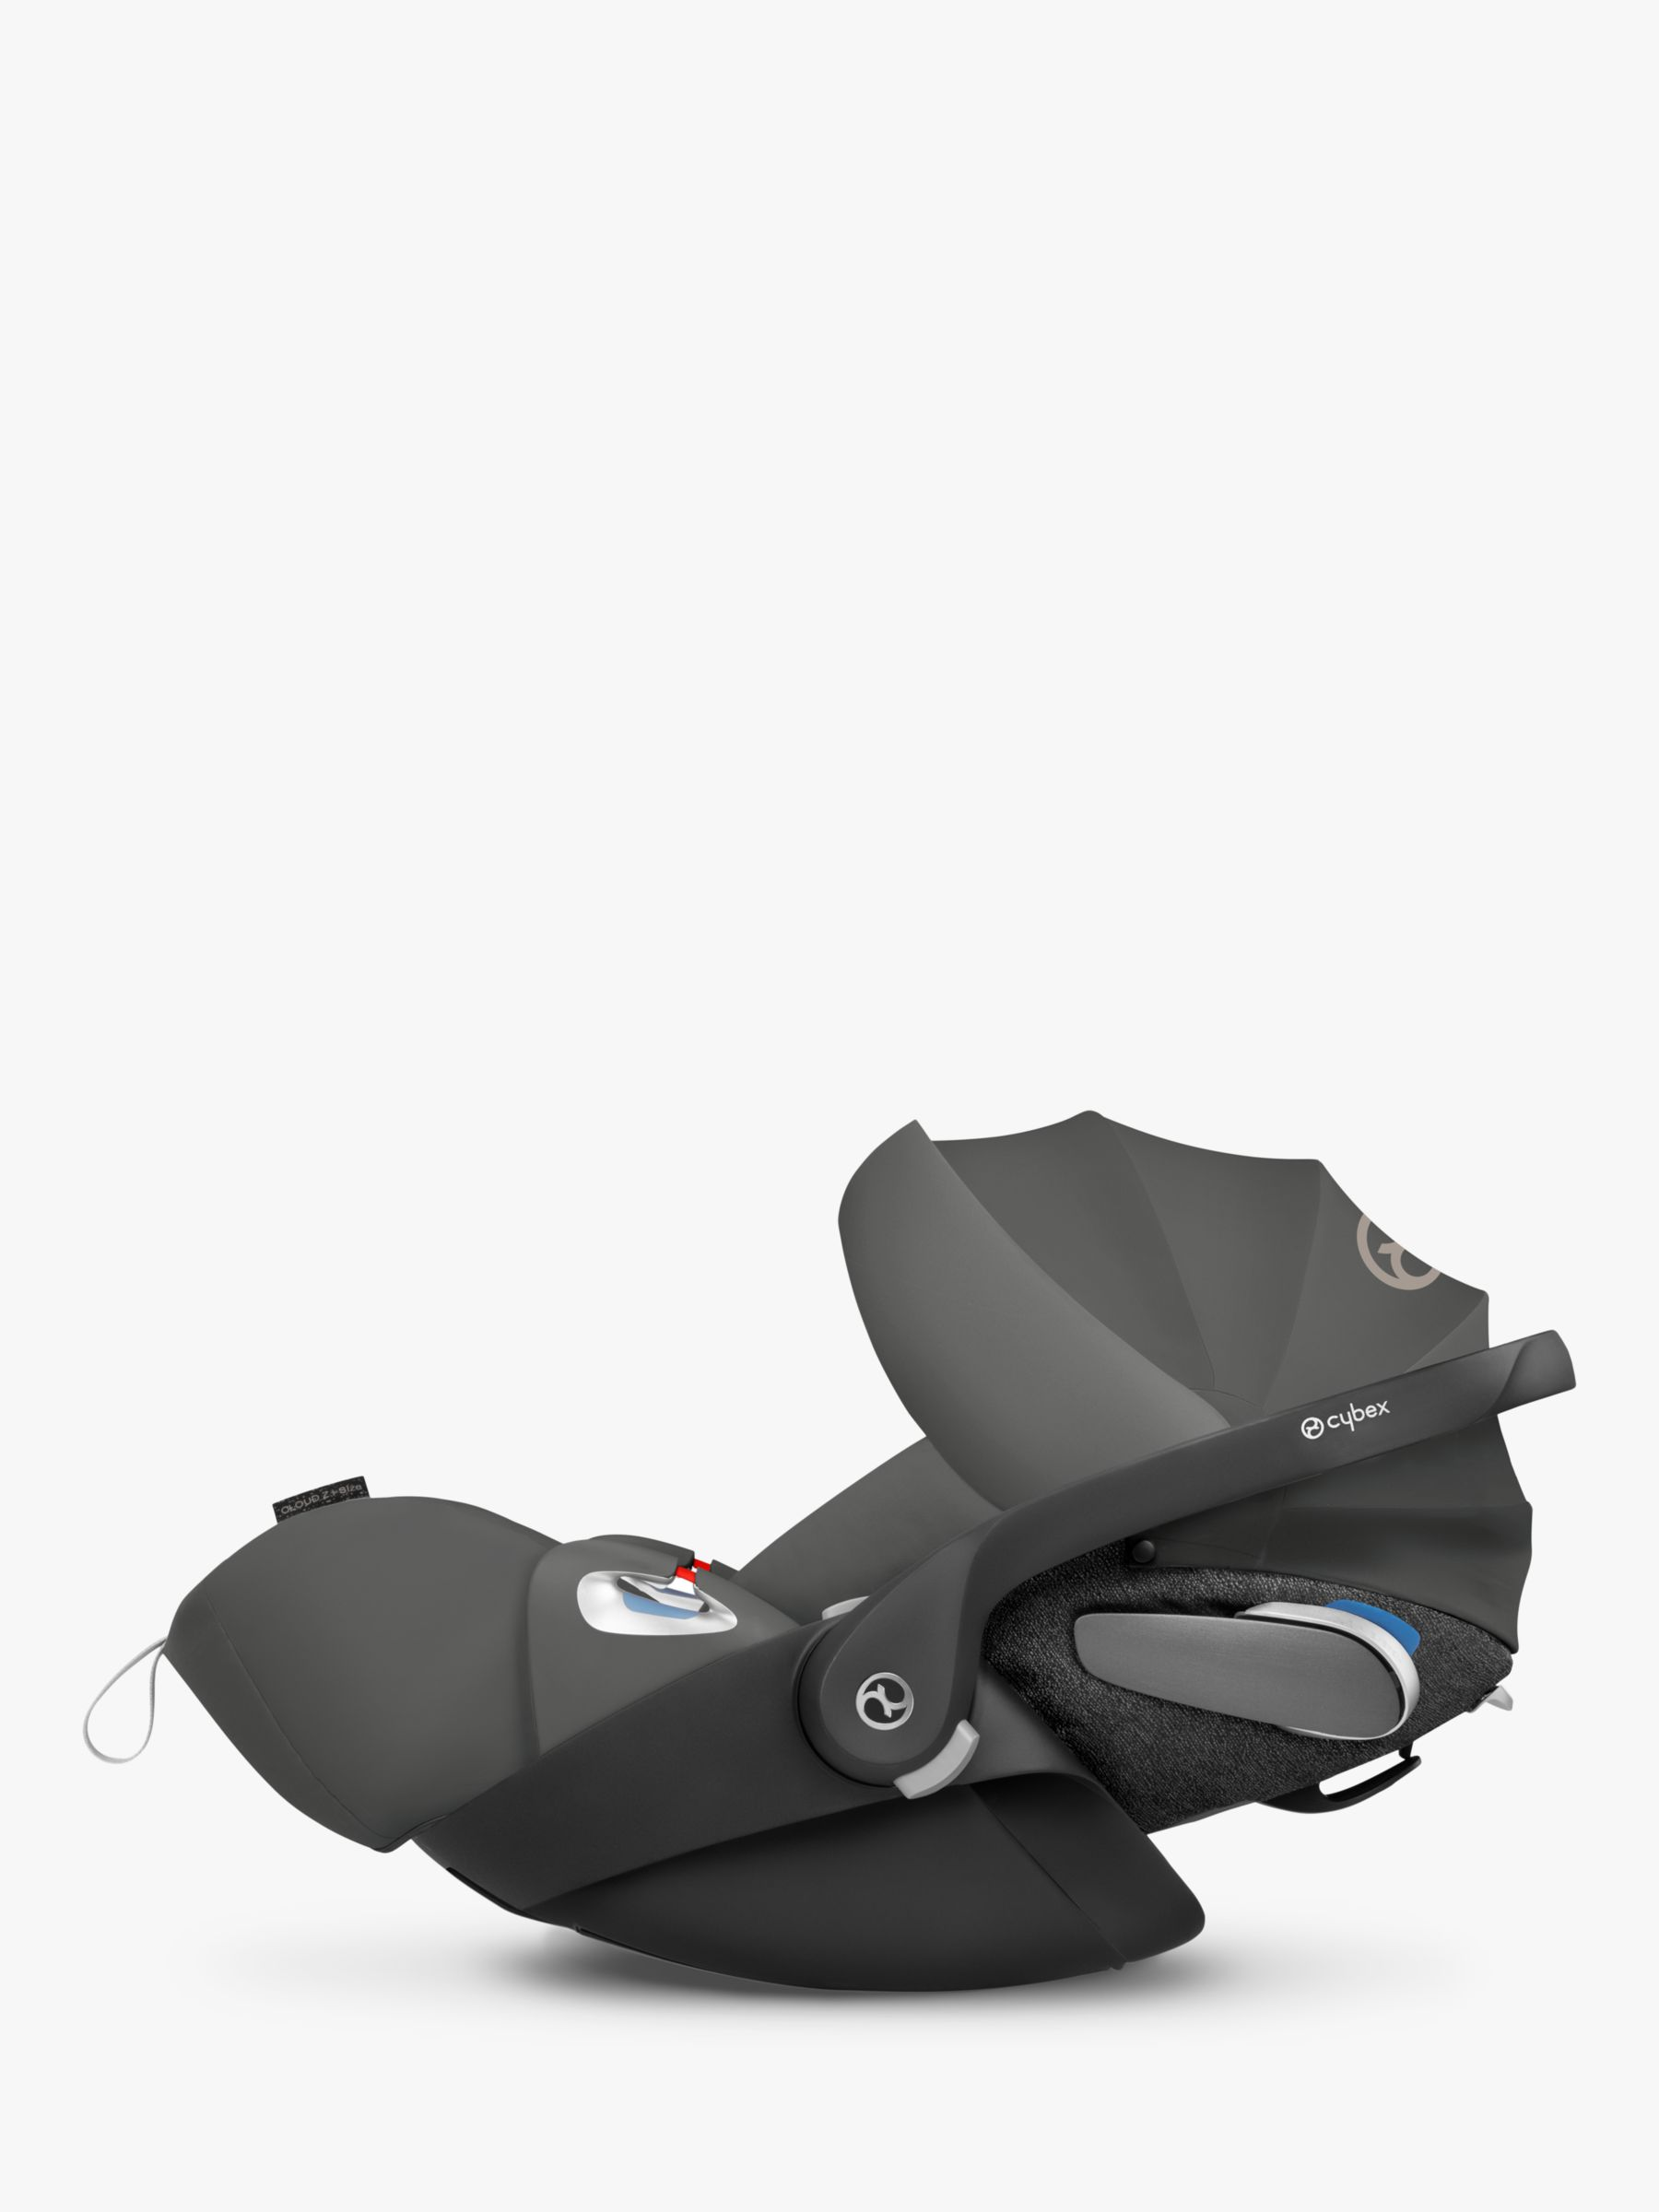 Cybex Cybex Cloud Z i-Size Group 0+ Baby Car Seat, Soho Grey